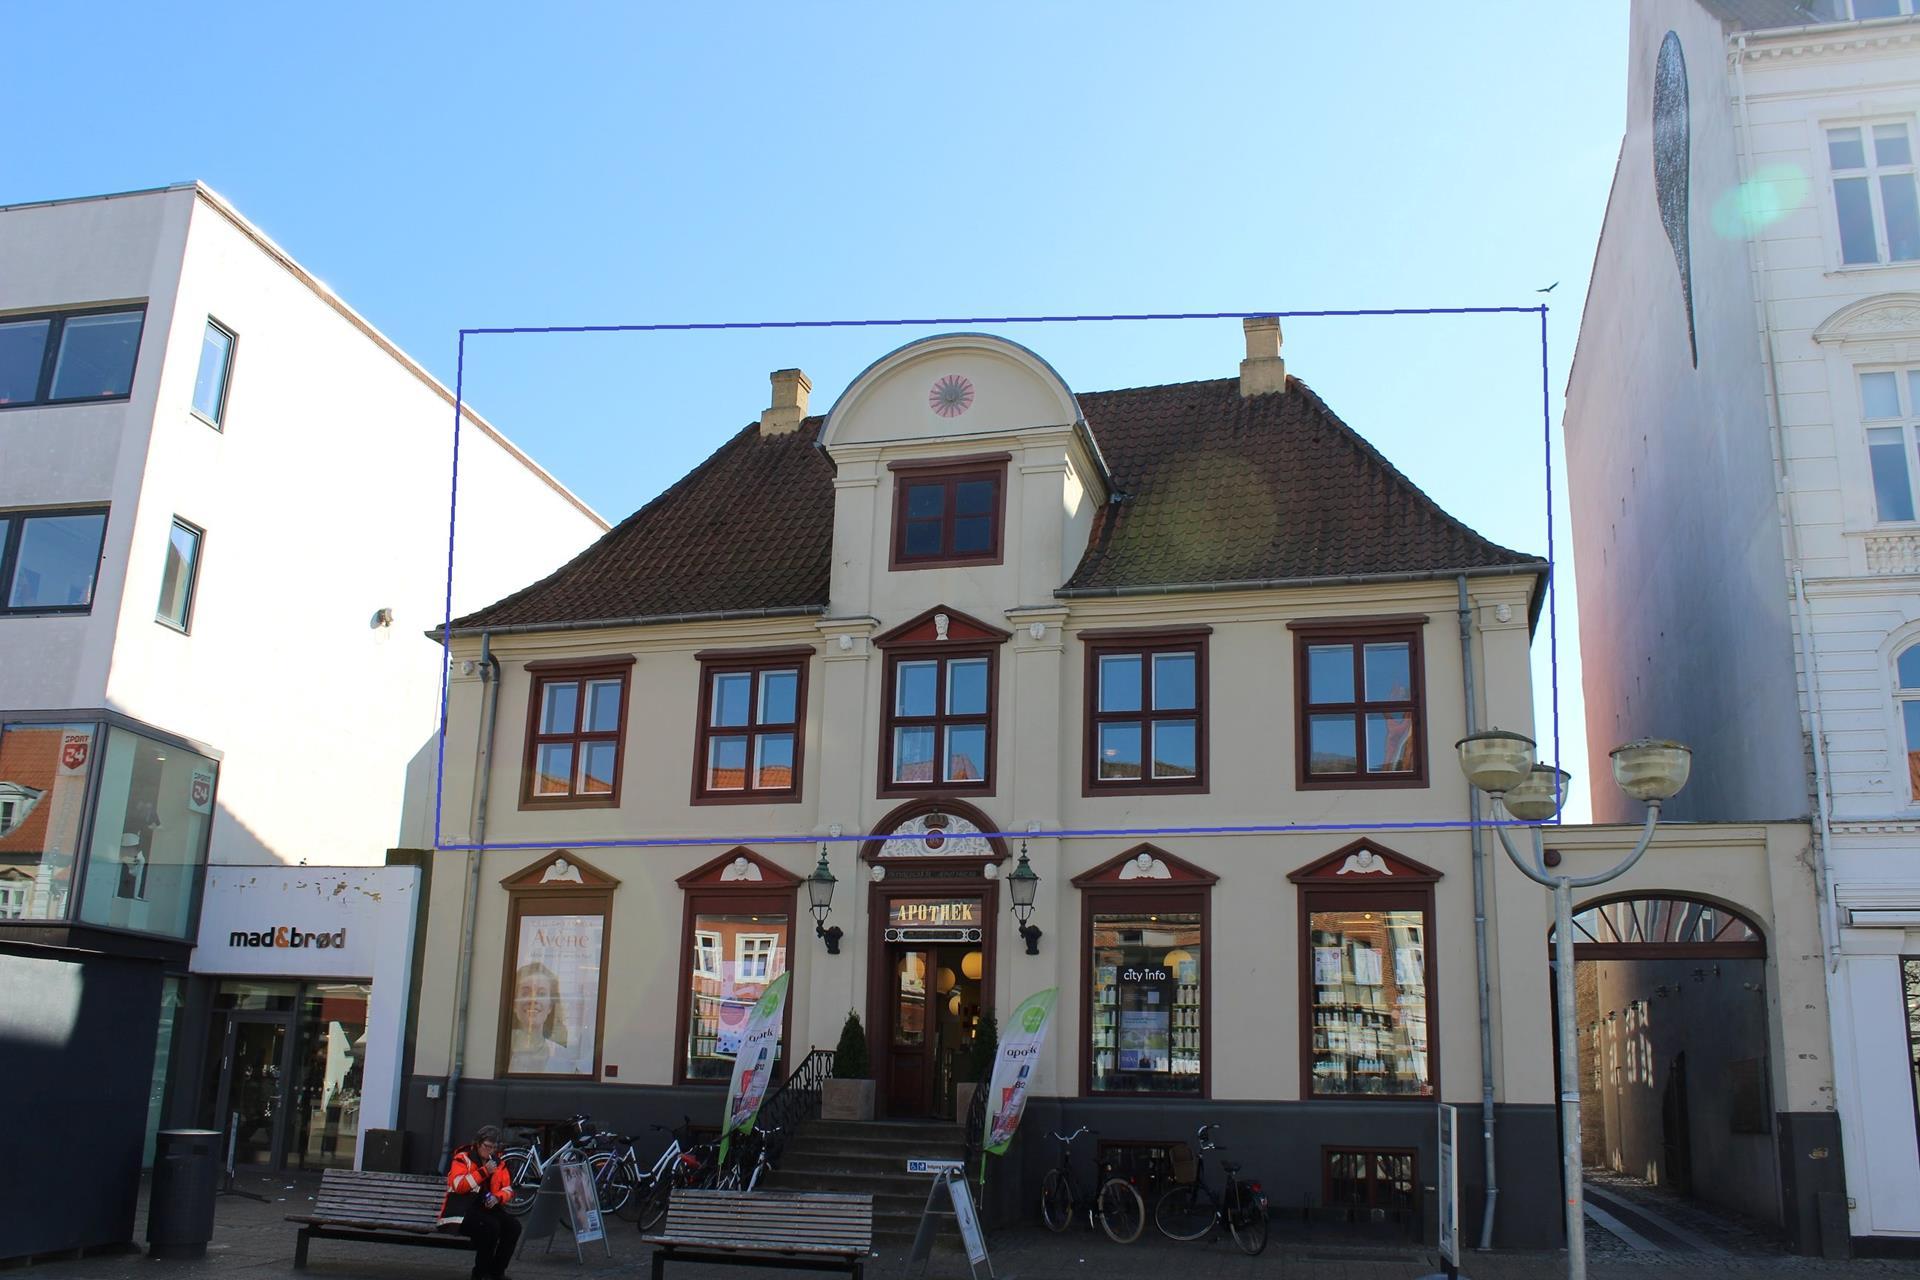 Bolig/erhverv på Søndergade i Horsens - Ejendommen